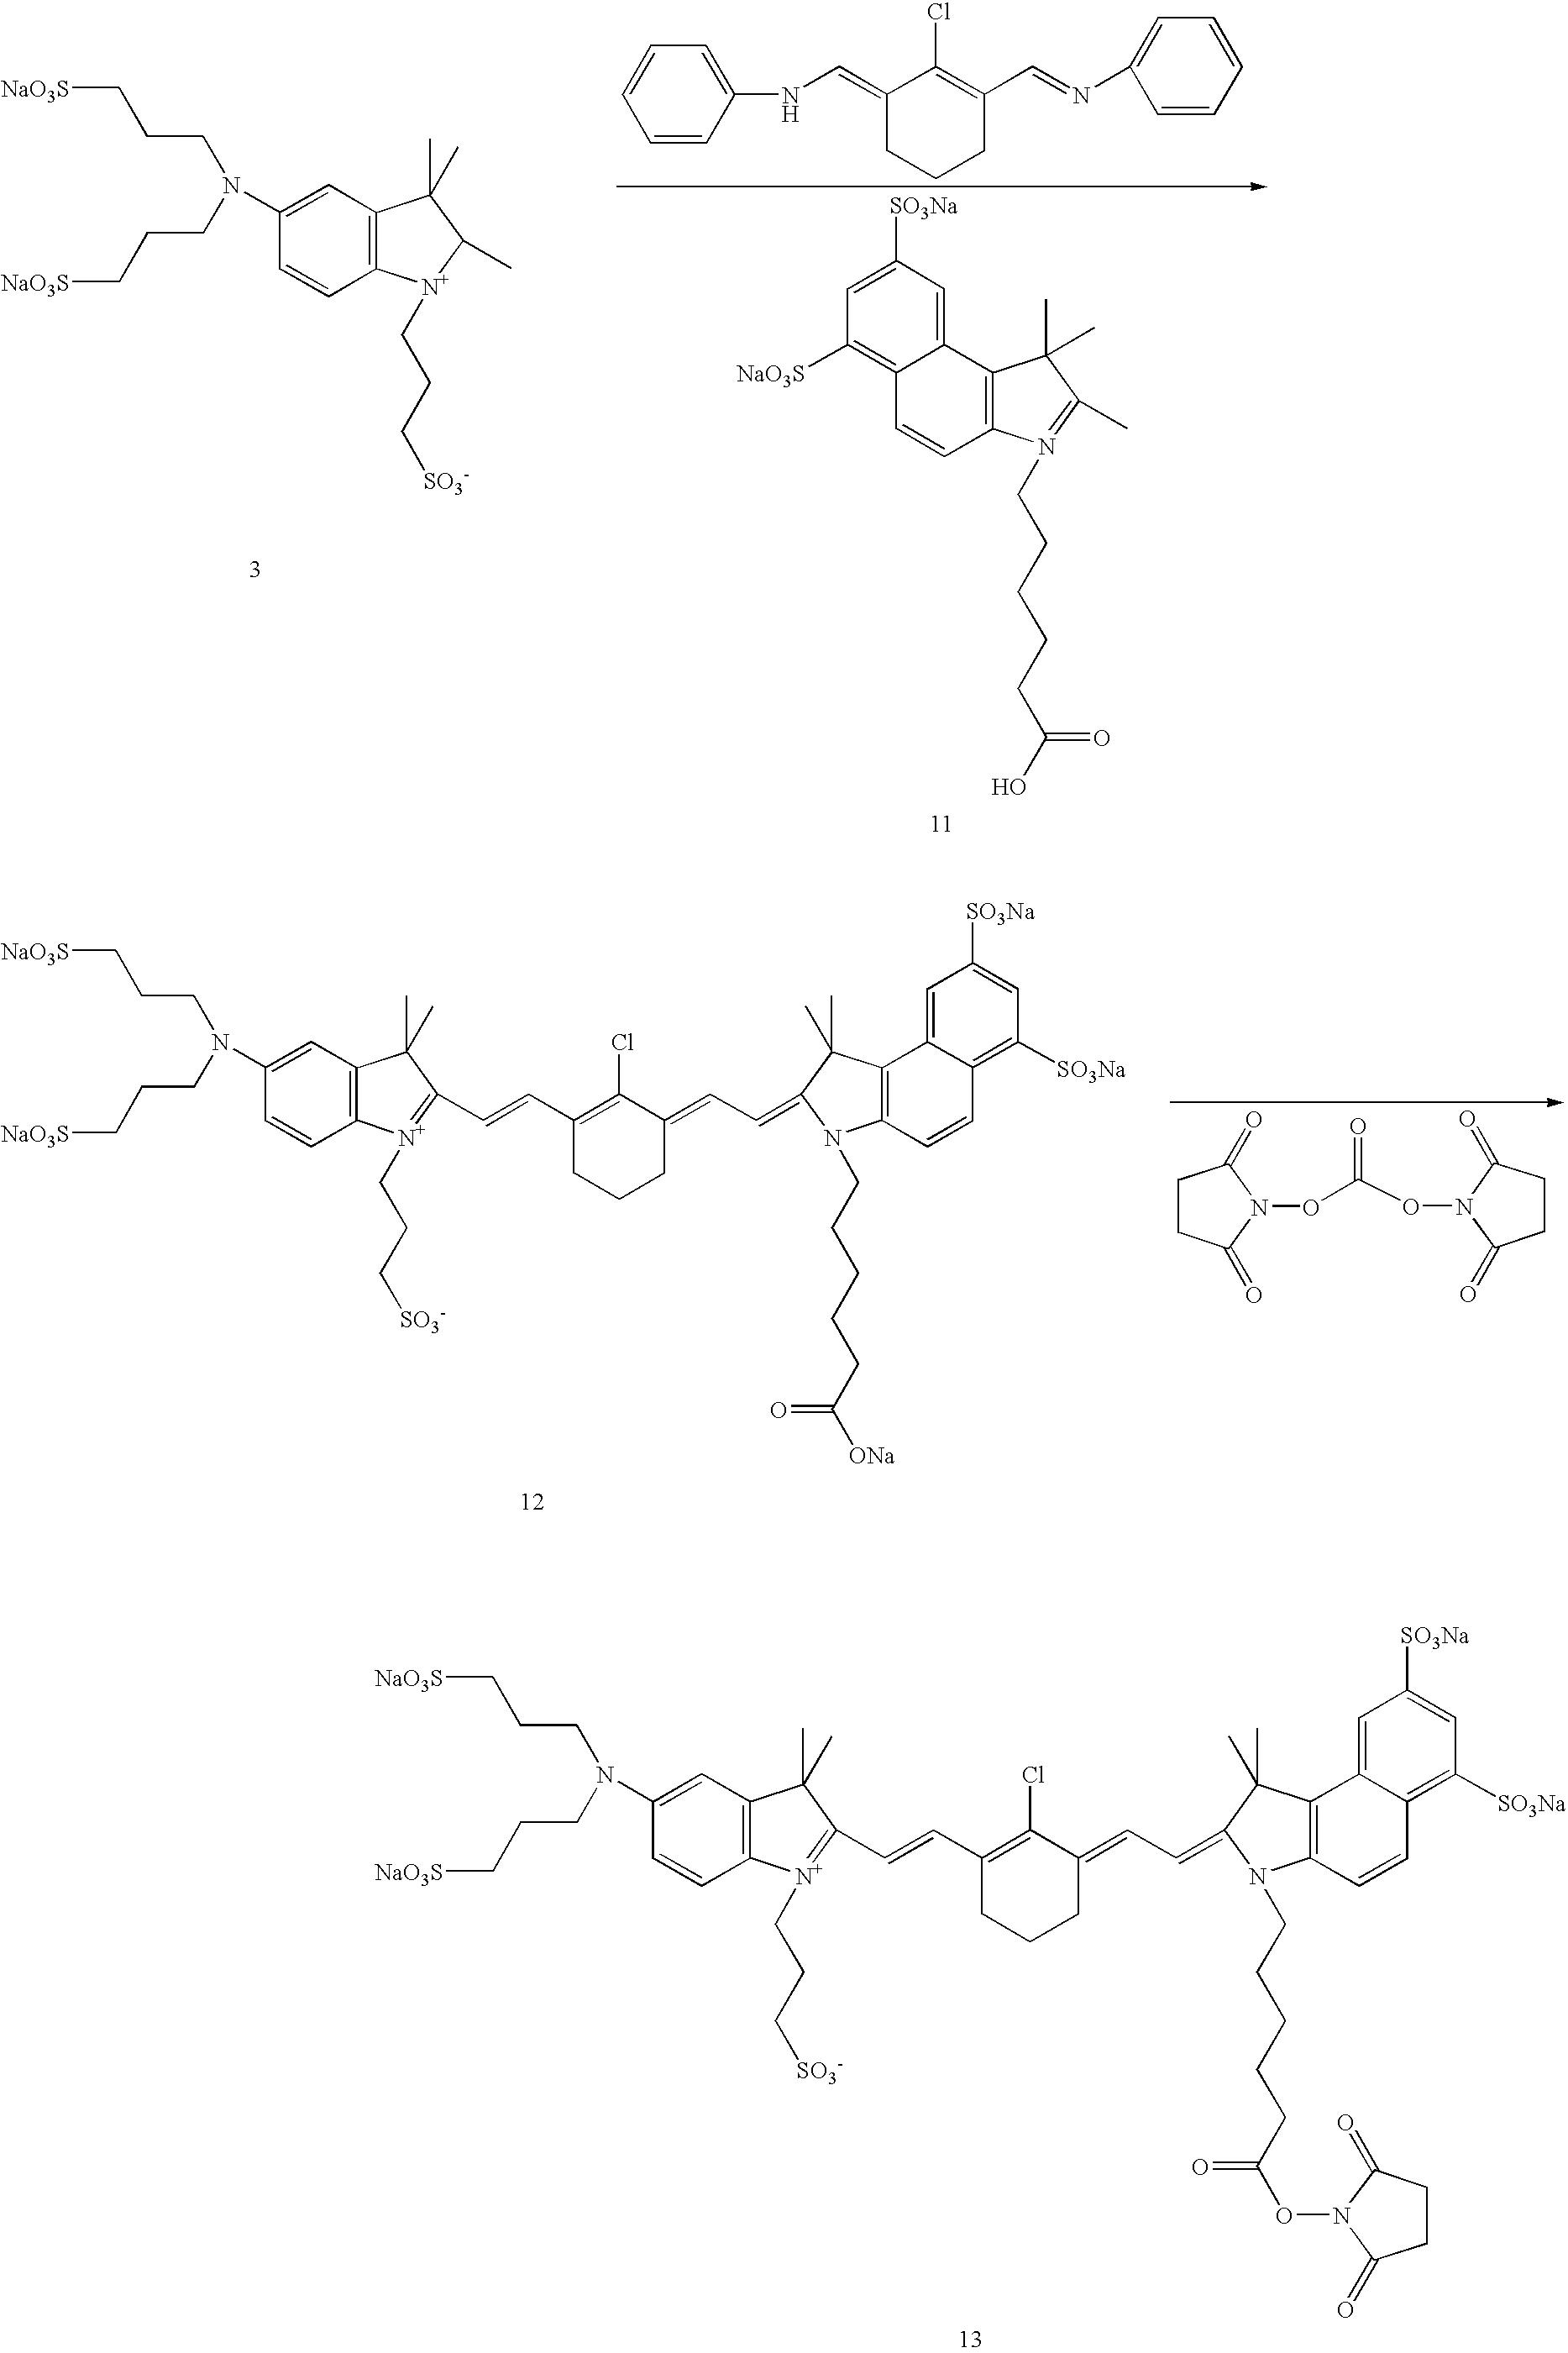 Figure US20070042398A1-20070222-C00031